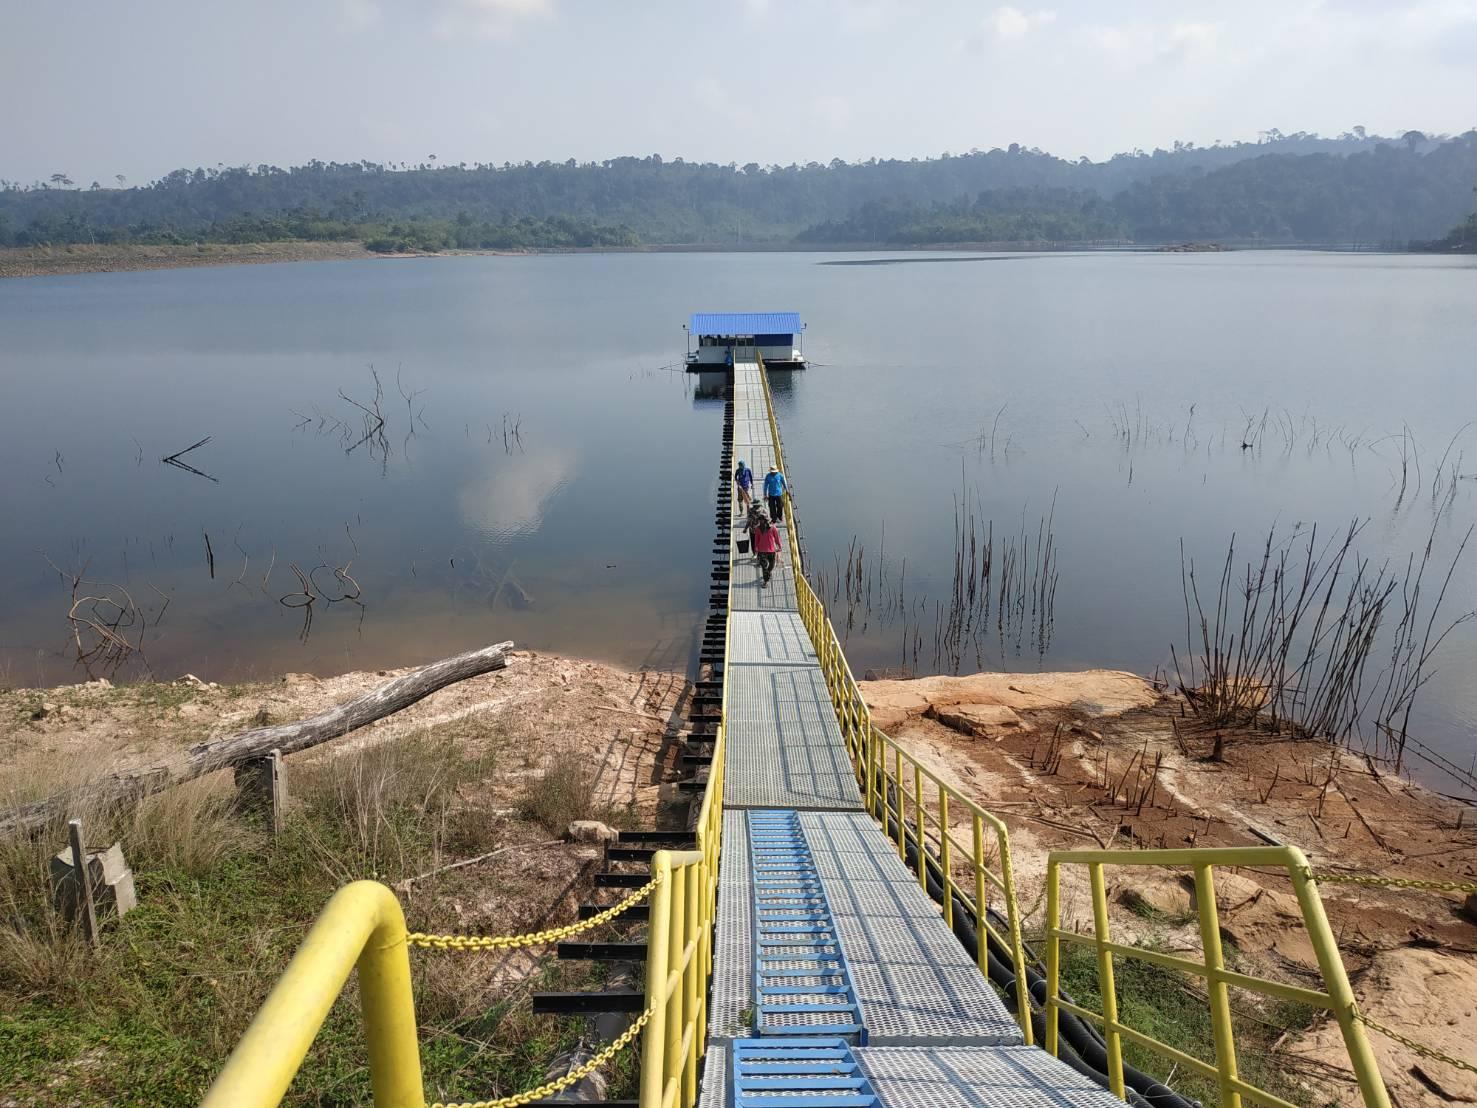 กปภ.สาขาคลองใหญ่ จัดกิจกรรม Big Clearning Day ประจำเดือน มกราคม 2562 ณ สถานีผลิตน้ำคลองสะพานหิน อ.เมือง จ.ตราด